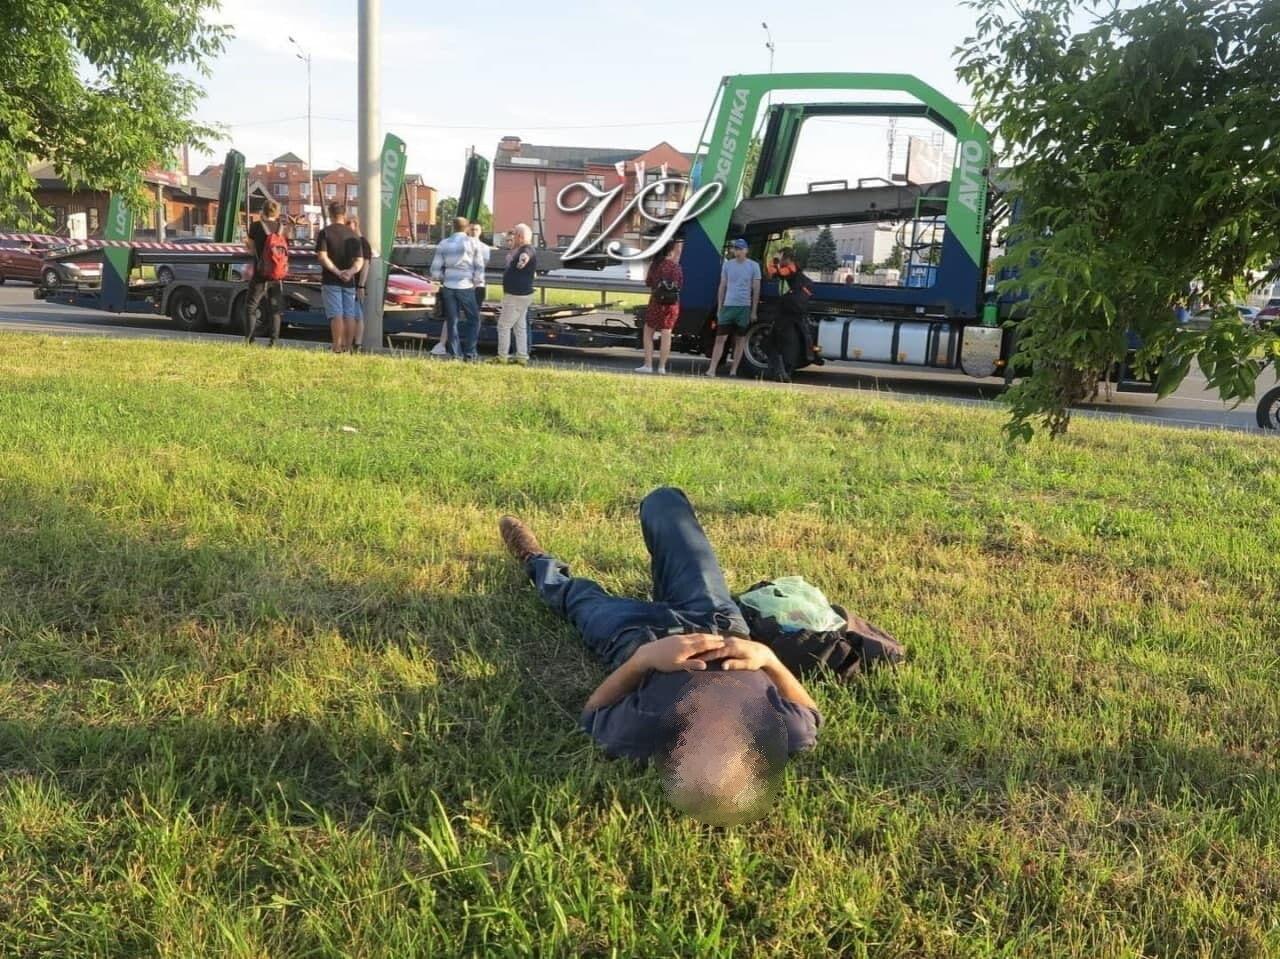 Возможный виновник трагедии спал, пока велосипедисту пытались помочь.